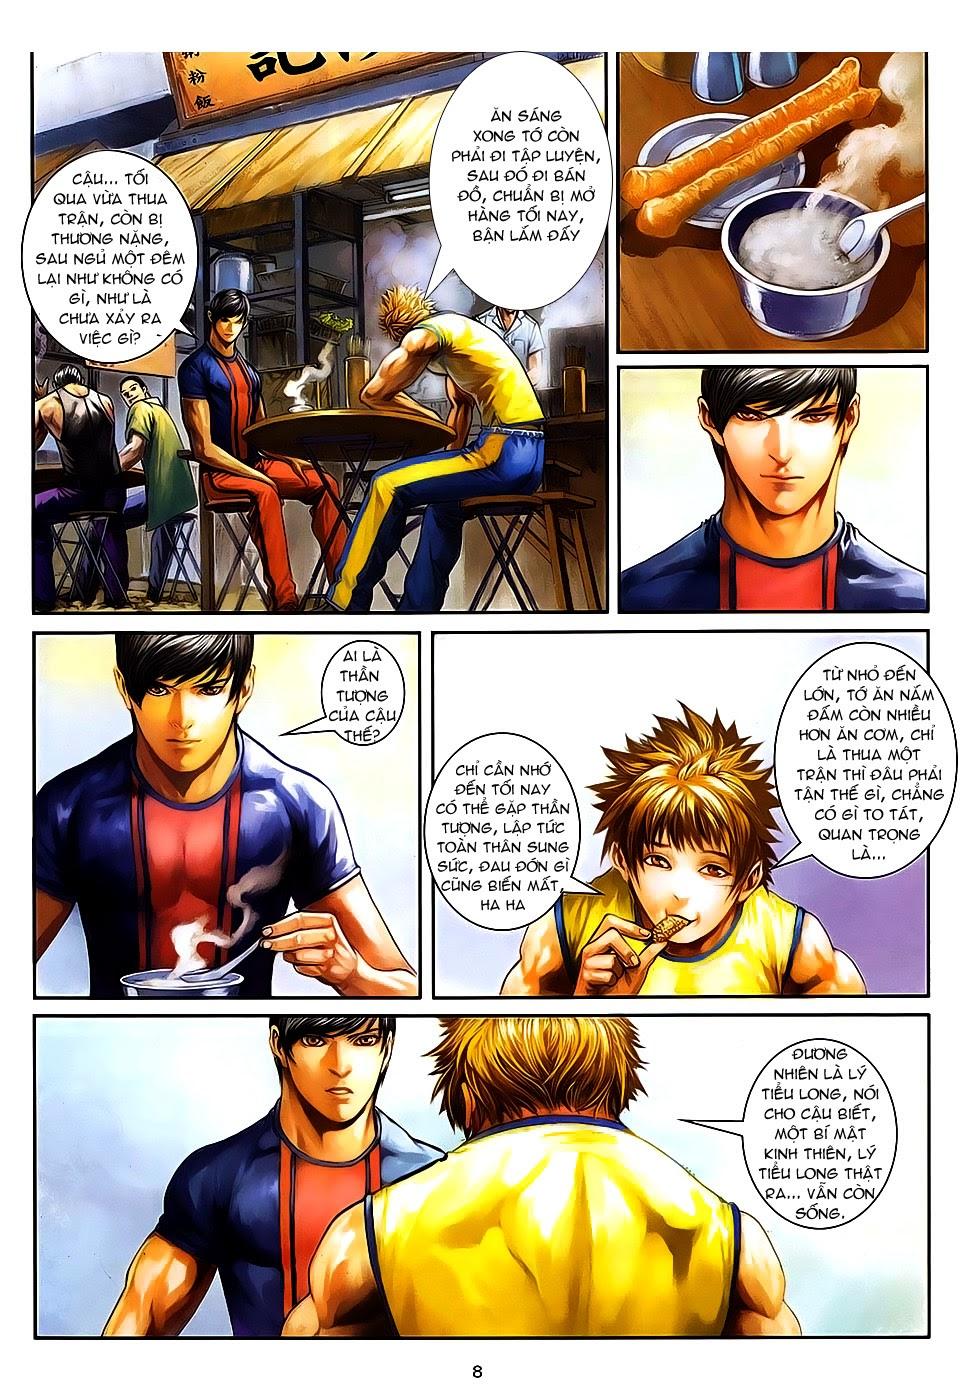 Quyền Đạo chapter 8 trang 8